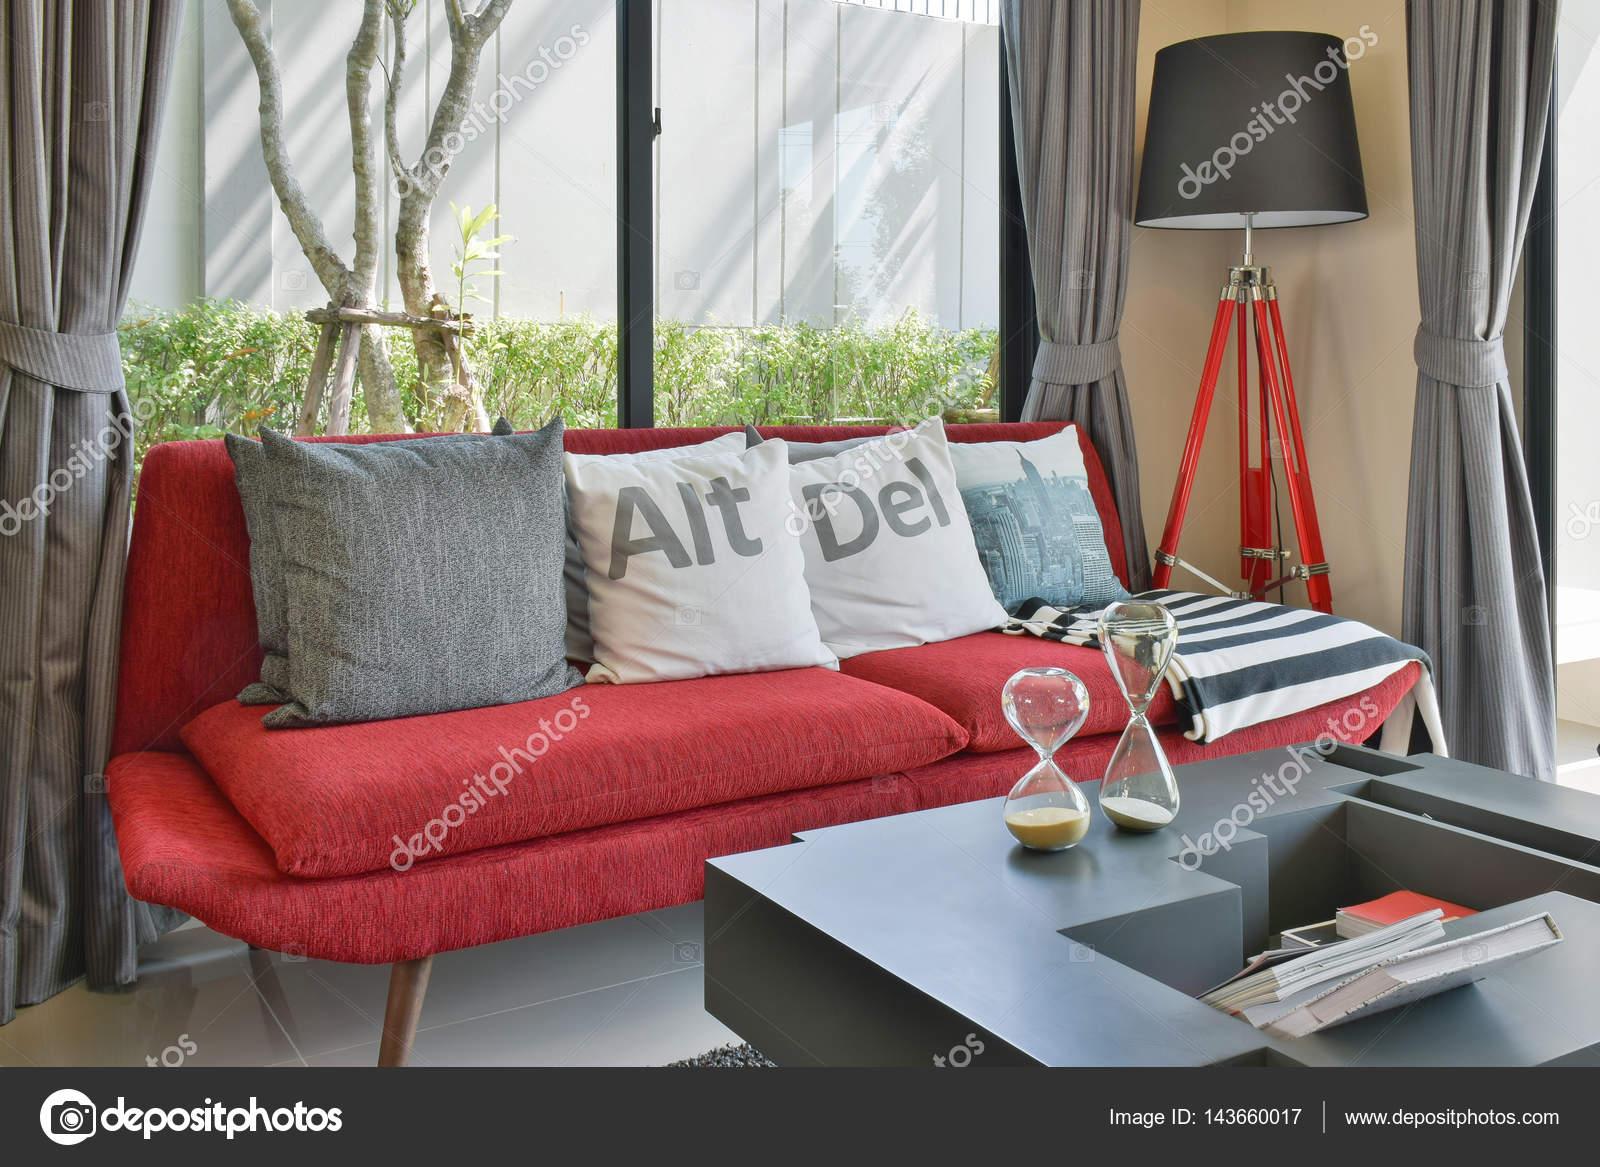 Divano Rosso Cuscini : Salotto moderno design con cuscini sul divano rosso e lampada